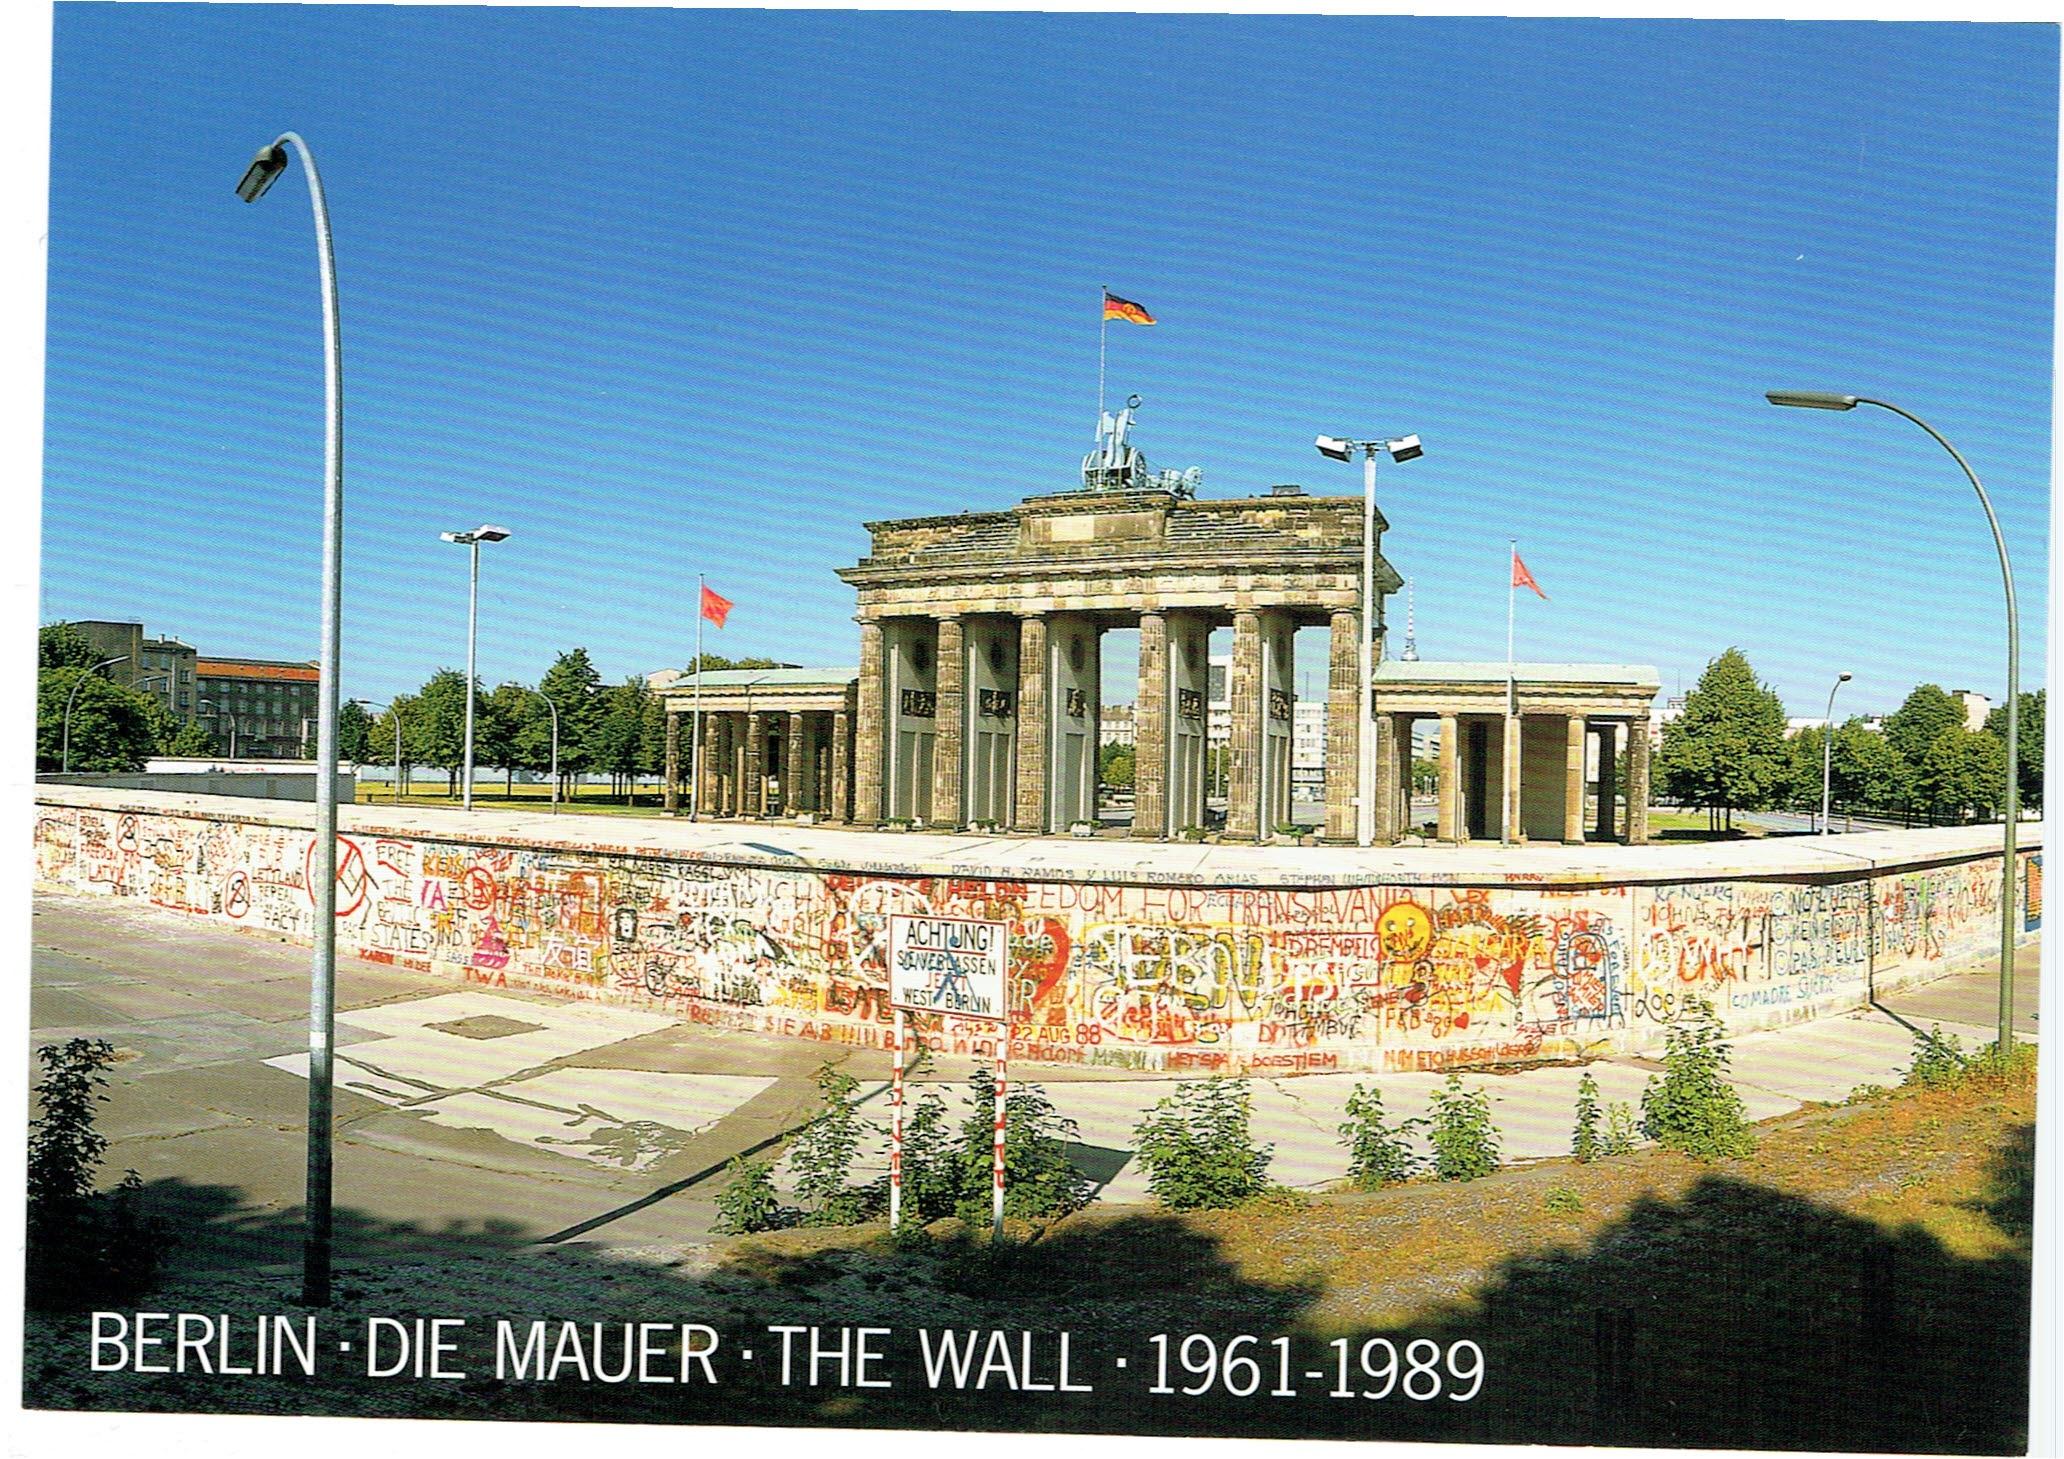 BerlinWallReichstagScan